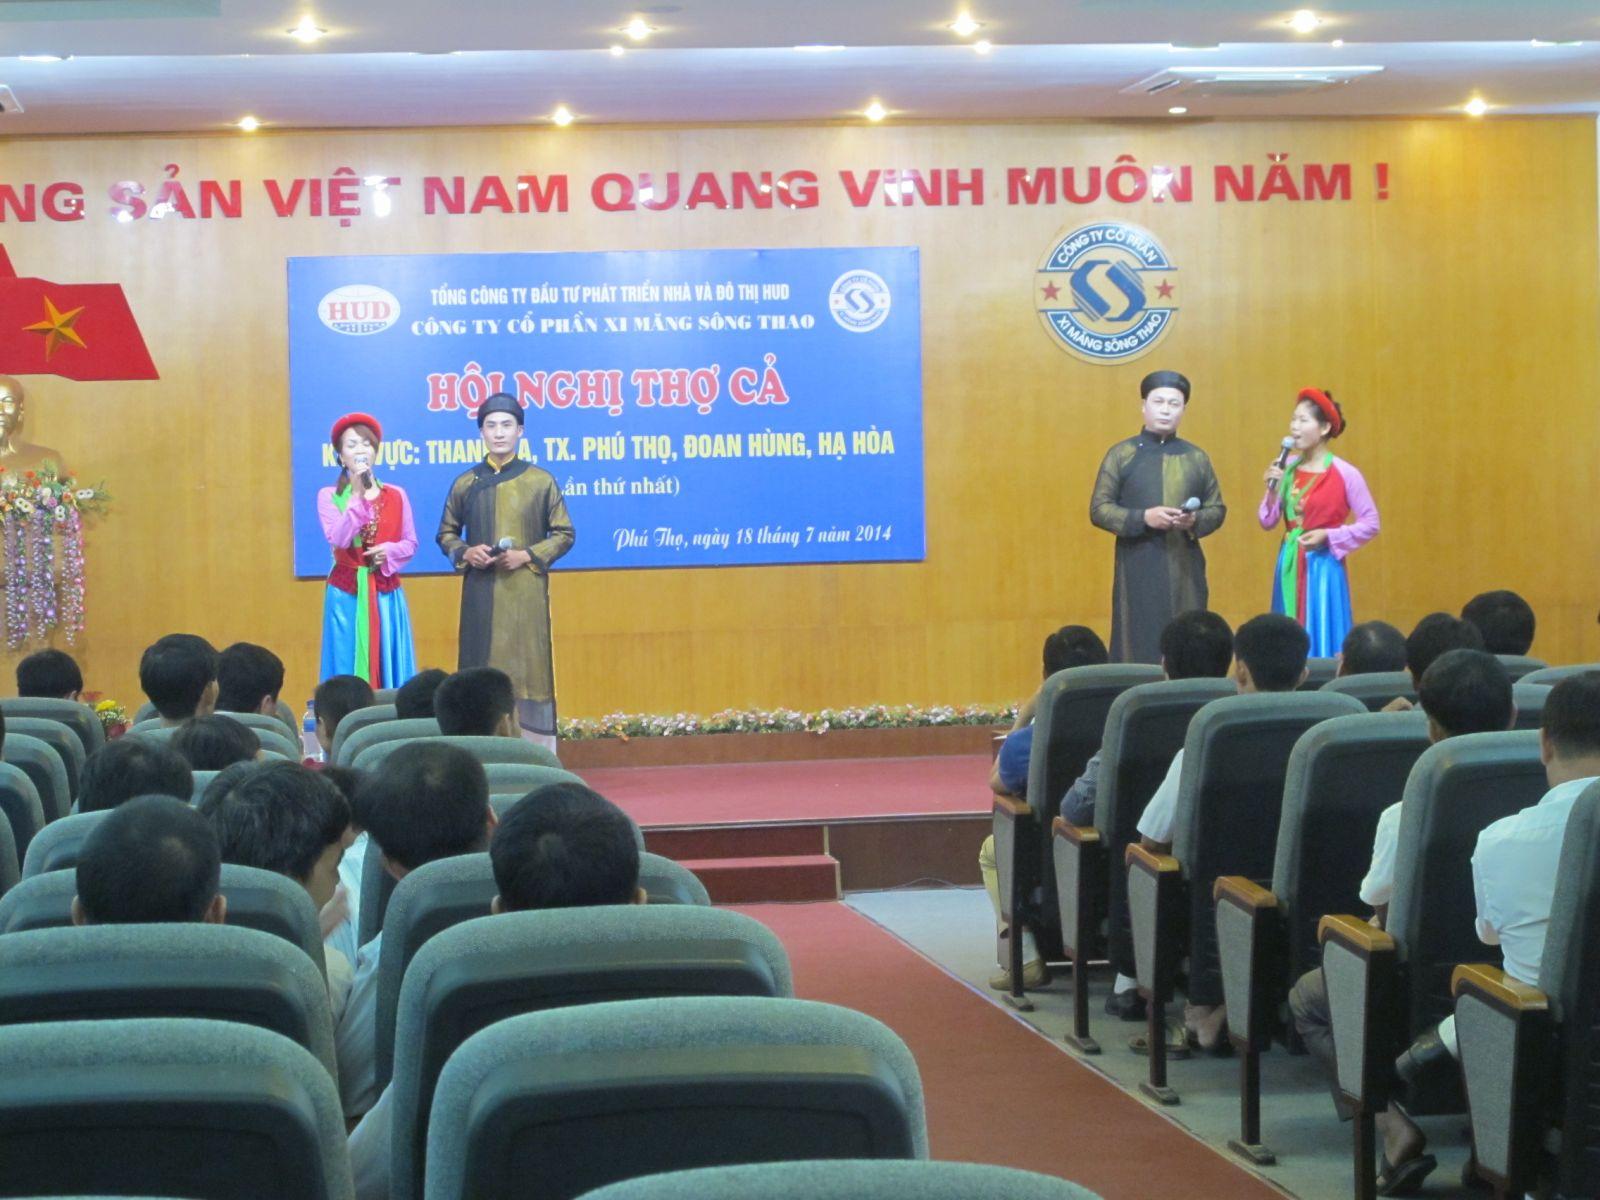 Công ty CP Xi măng Sông Thao: Tổ chức Hội nghị thợ cả khu vực: Thanh Ba, TX. Phú Thọ, Đoan Hùng, Hạ Hòa lần thứ nhất năm 2014